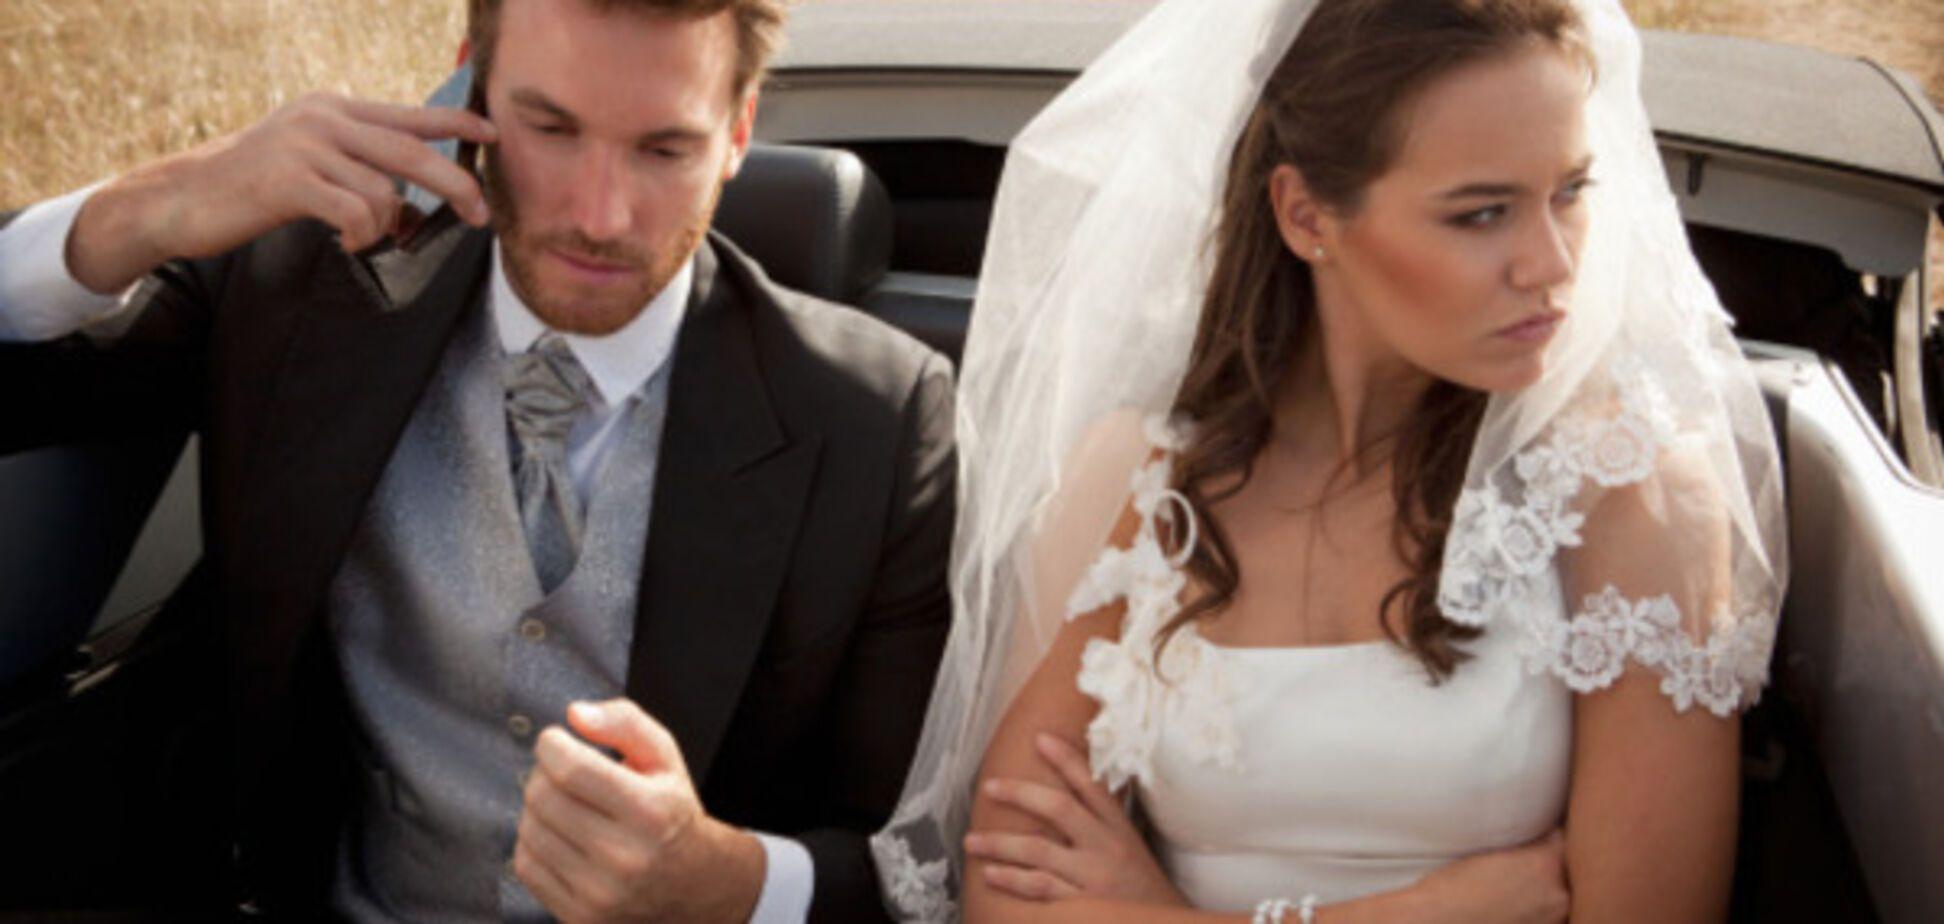 Все заради безвіза: як іноземці укладають фіктивні шлюби з українками